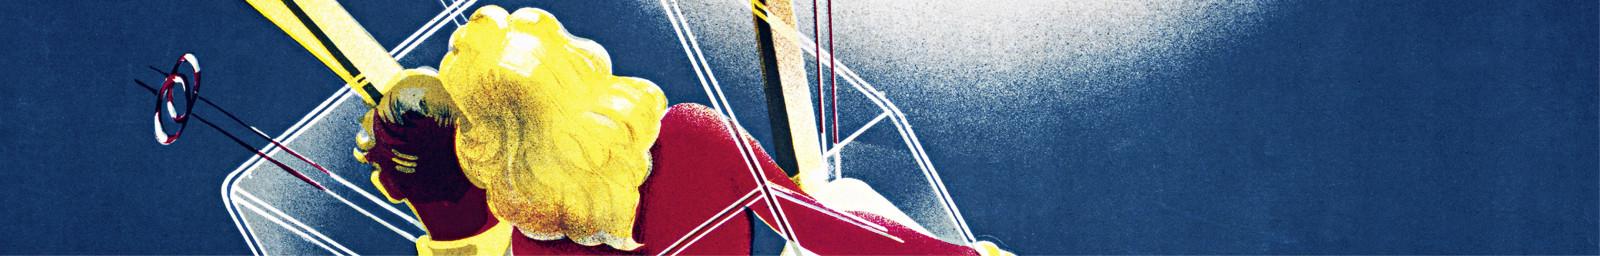 Slide_Poster_4